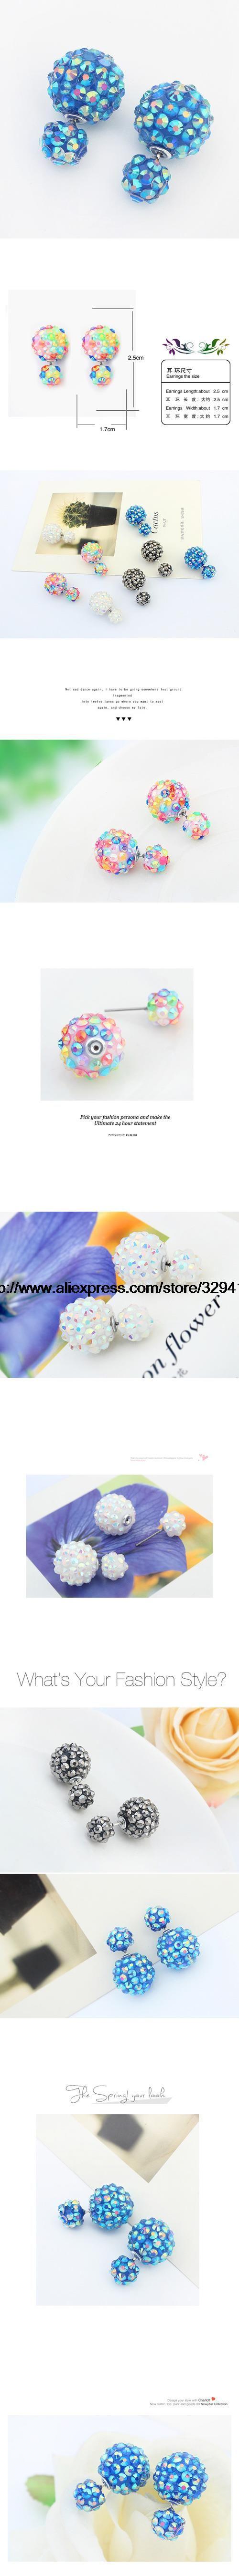 Star Jewelry 4 Цветов Мода Корея Поп Цветочный Кристалл Дешевый Двухместный Стороны Серьги Большой Жемчужные Серьги Свободный Корабль купить на AliExpress